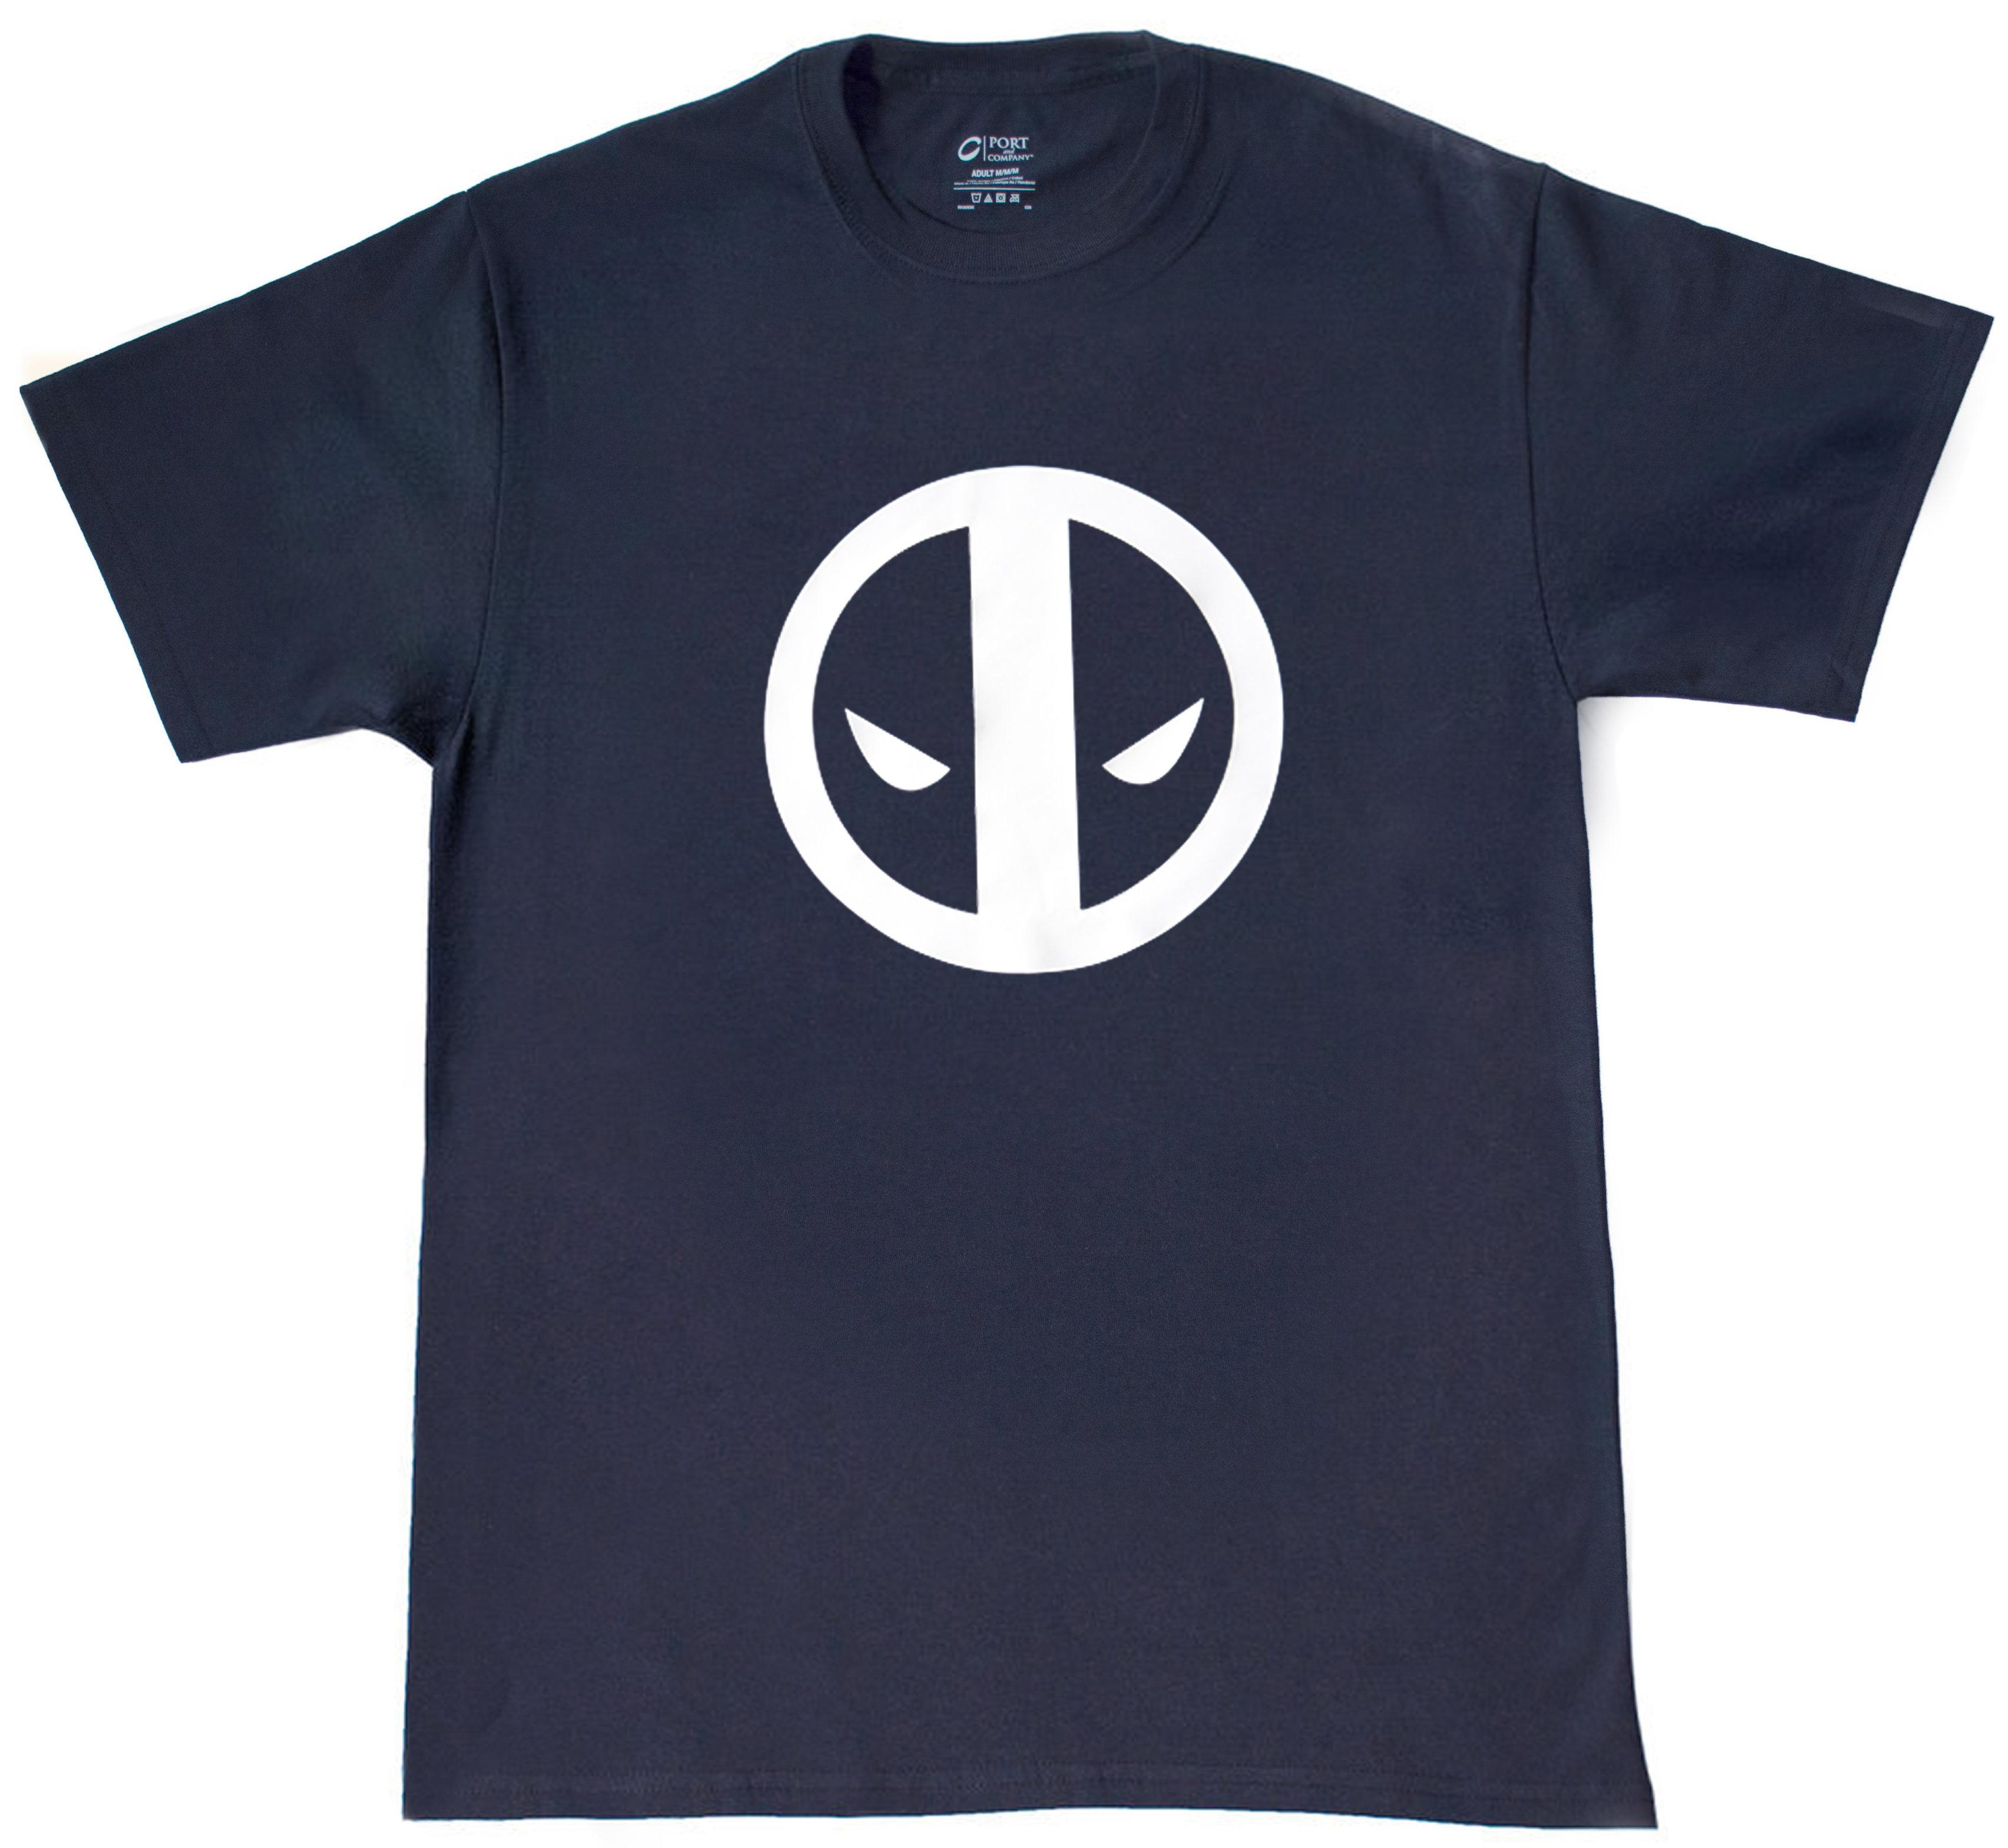 Deadpool logo t shirt top notch custom apparel online for Custom t shirt shop online